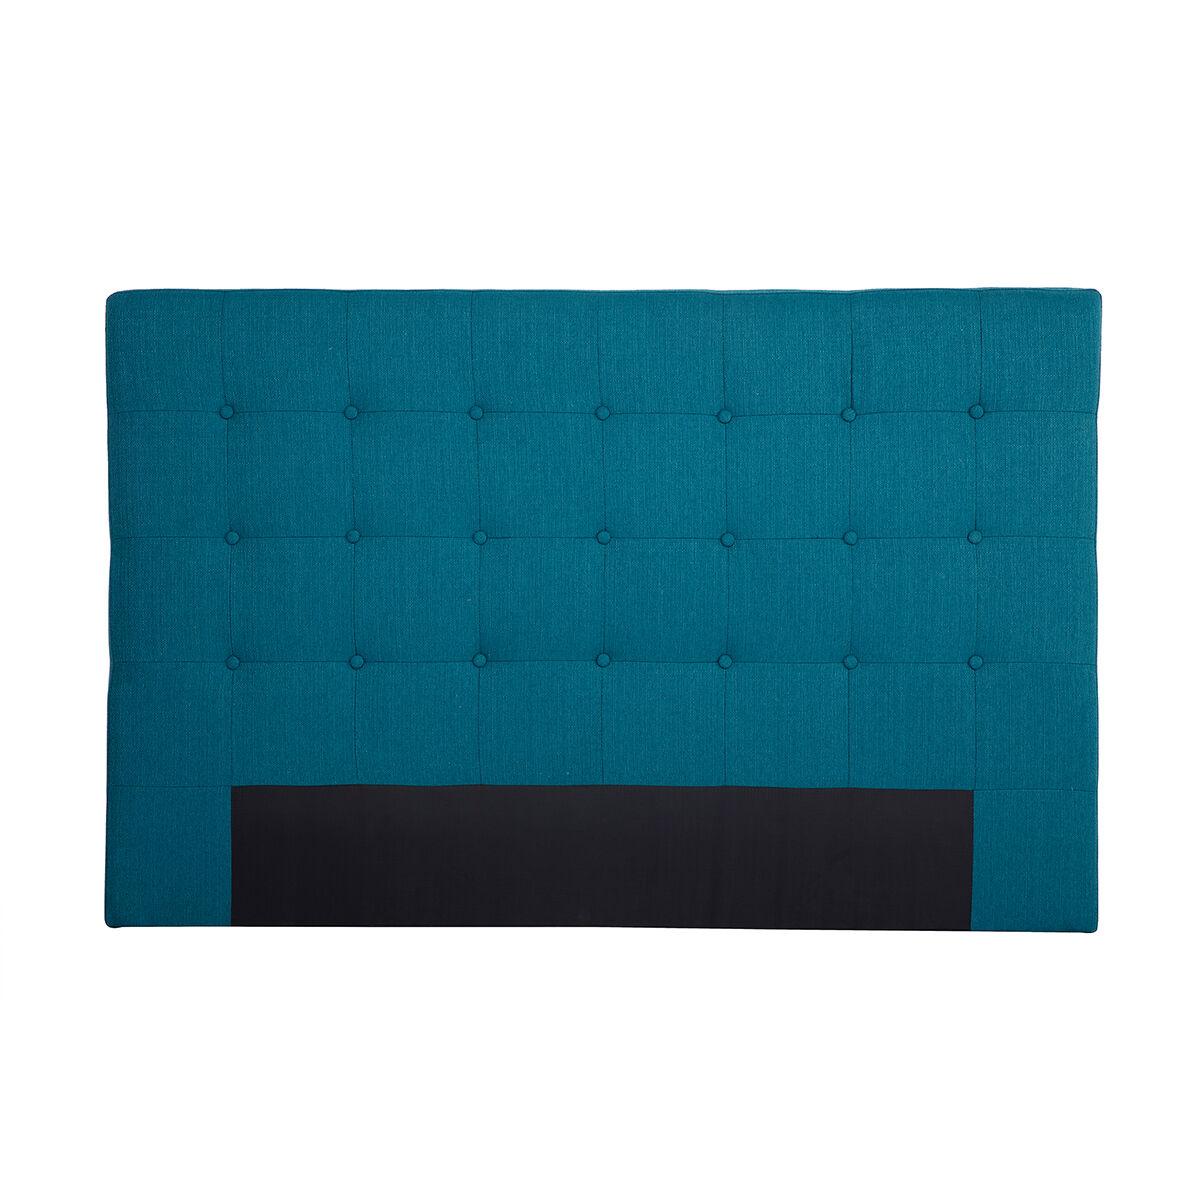 Miliboo Tête de lit en tissu bleu canard 170 cm LUTECE